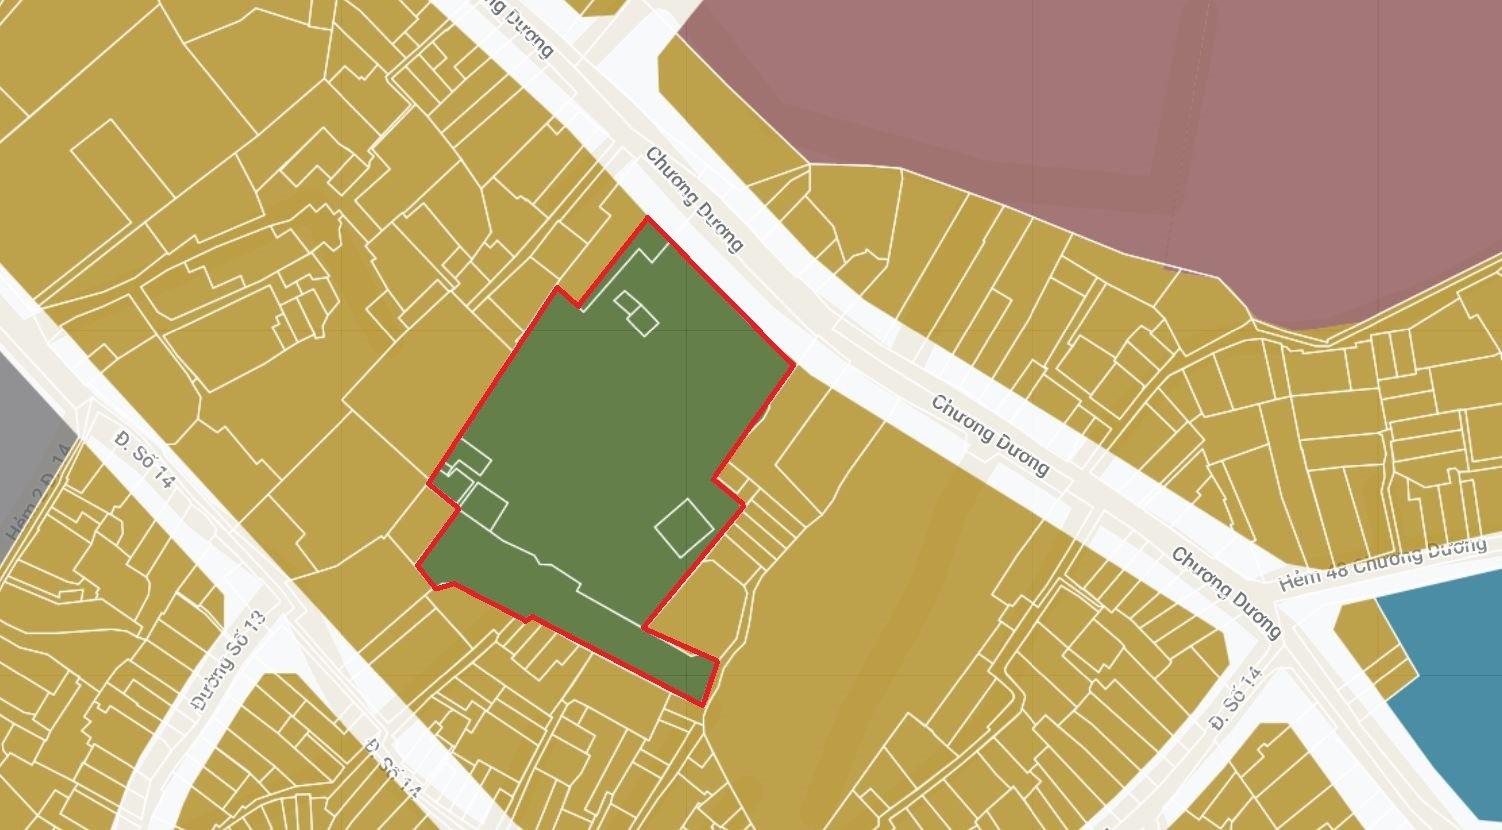 4 khu đất dính quy hoạch tại phường Linh Chiểu, TP Thủ Đức - Ảnh 3.